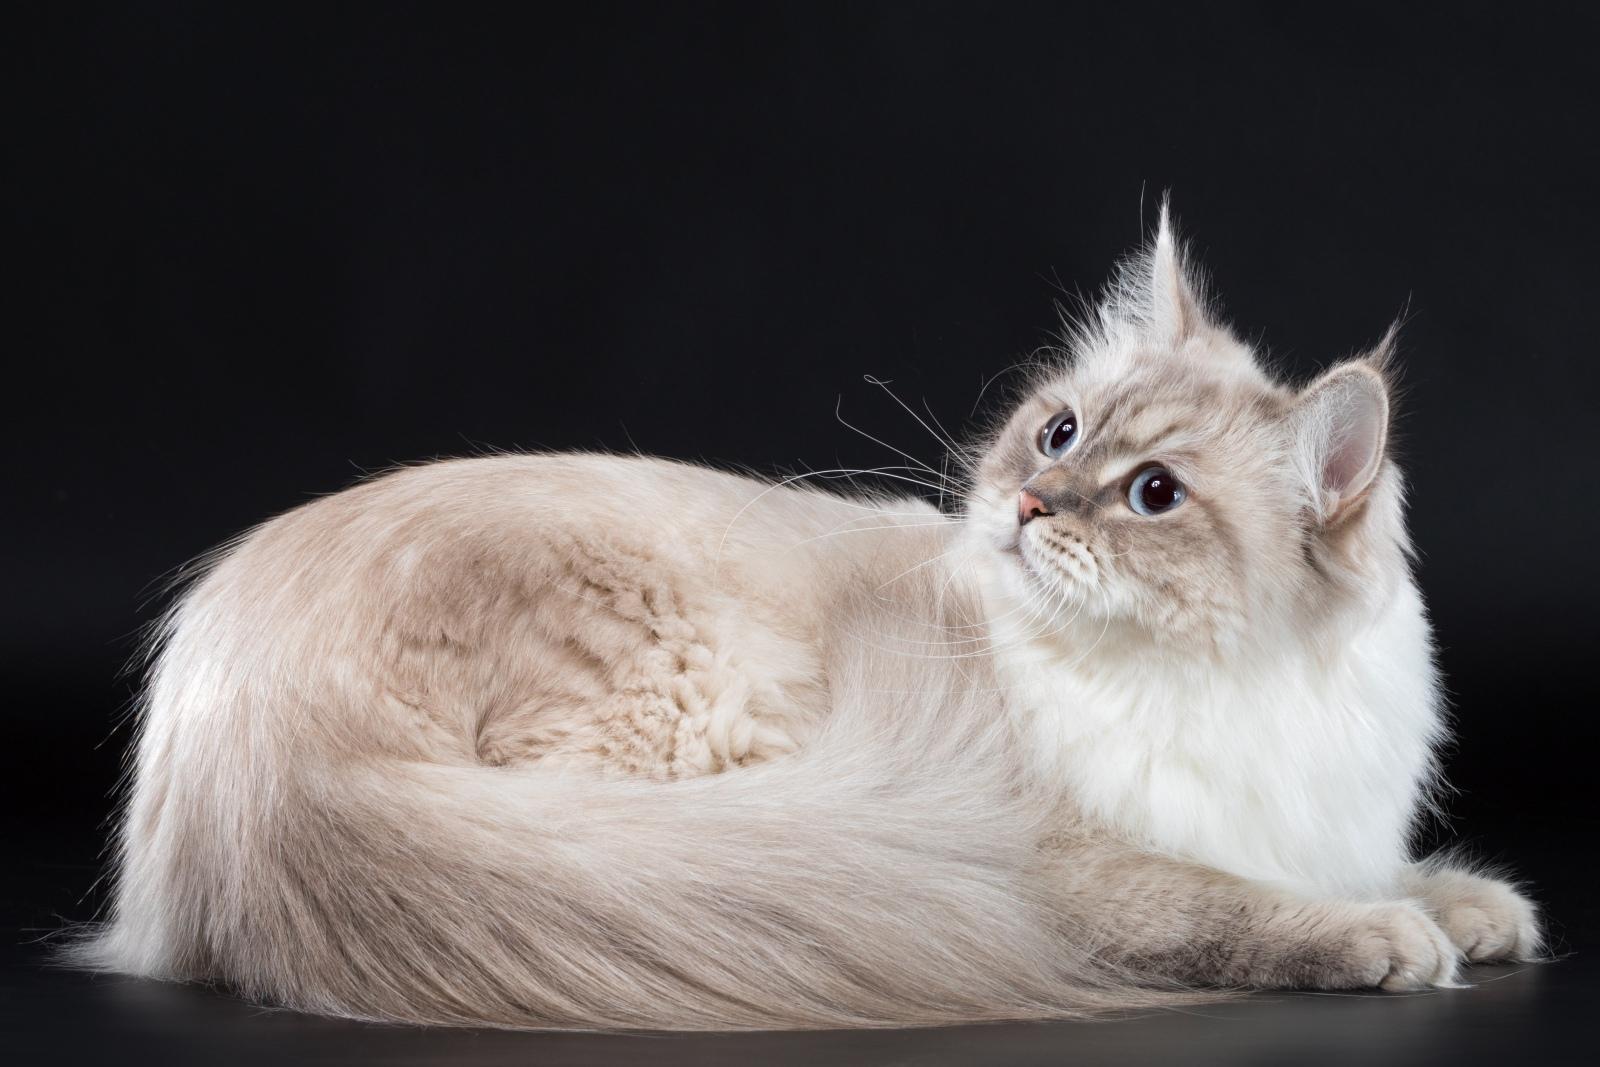 Siberian cat - Nevaneko - Принцесса из Лукоморья (AAM_2298)